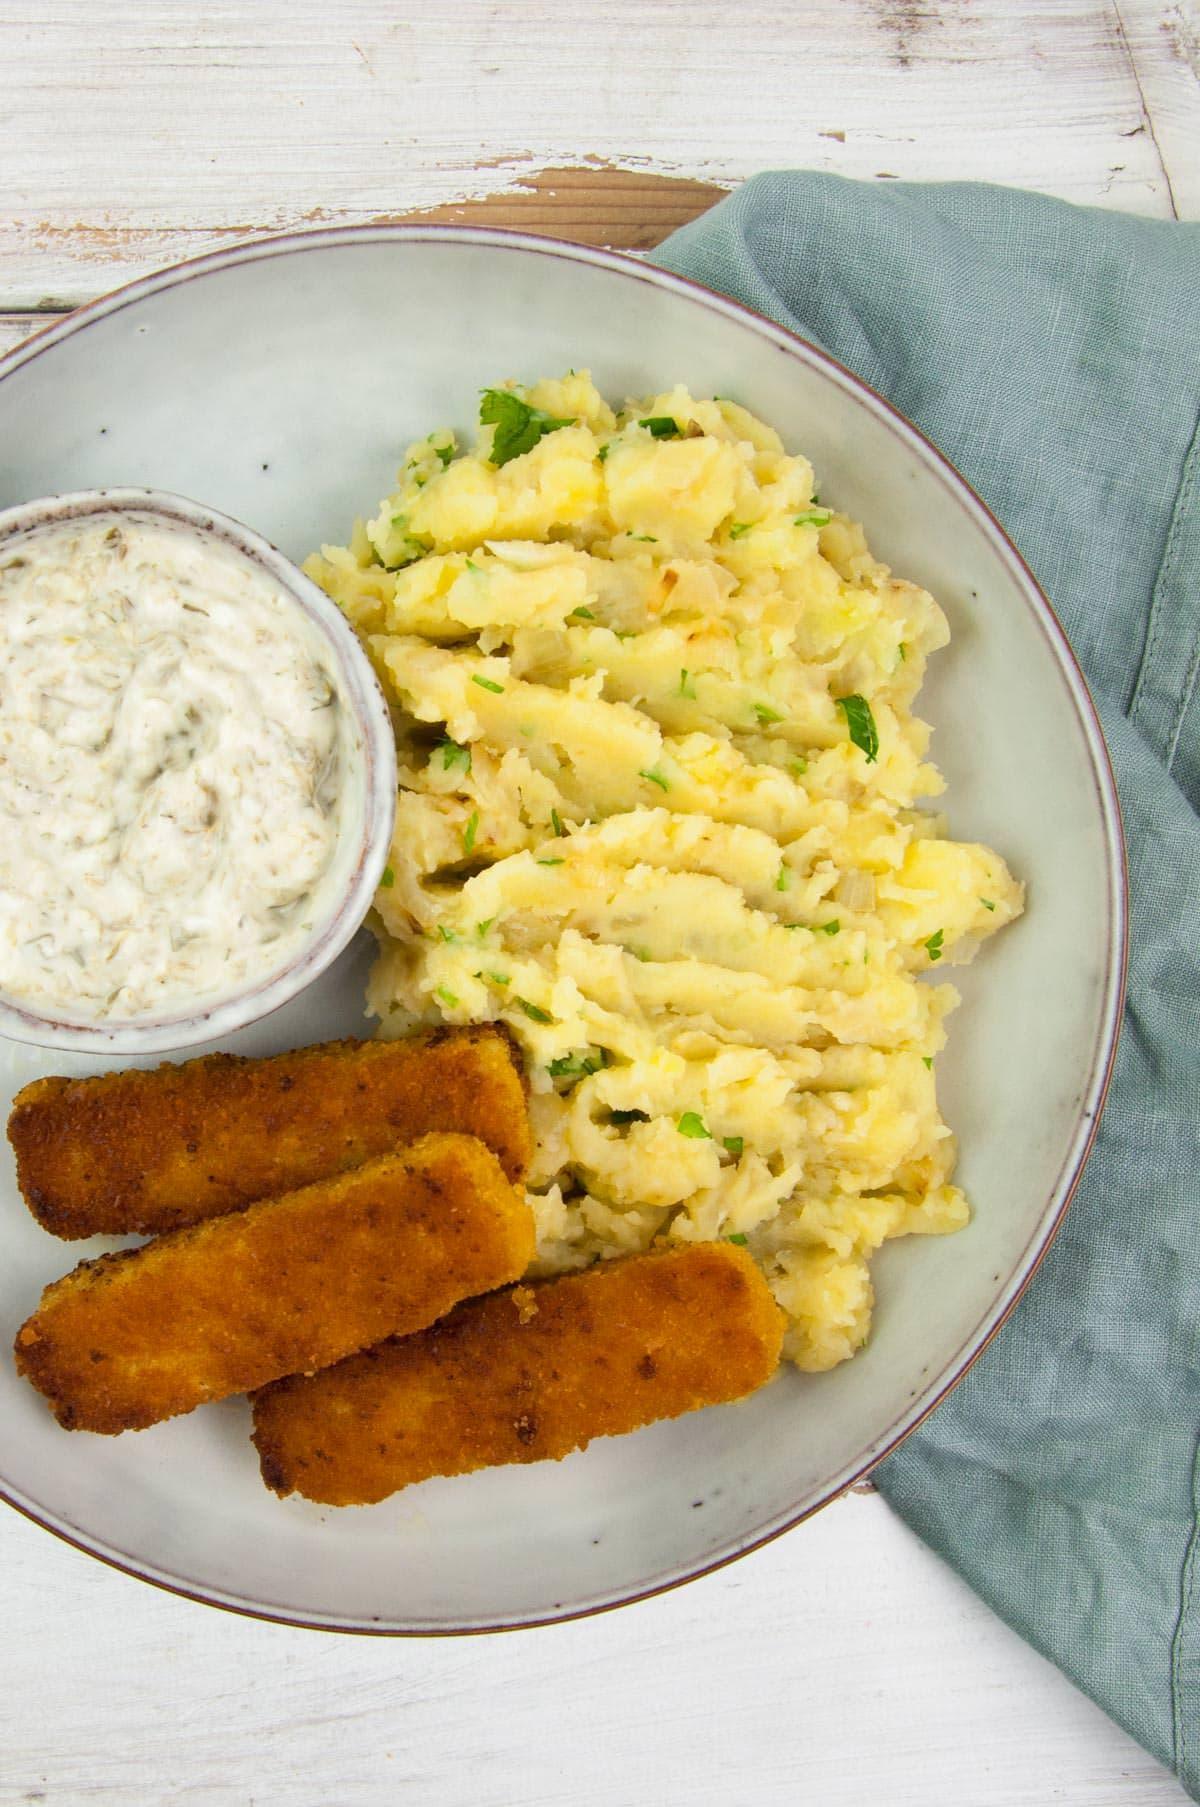 vegan mashed potatoes with vegan fish sticks and tartar saucvegan mashed potatoes with vegan fish sticks and tartar sauce